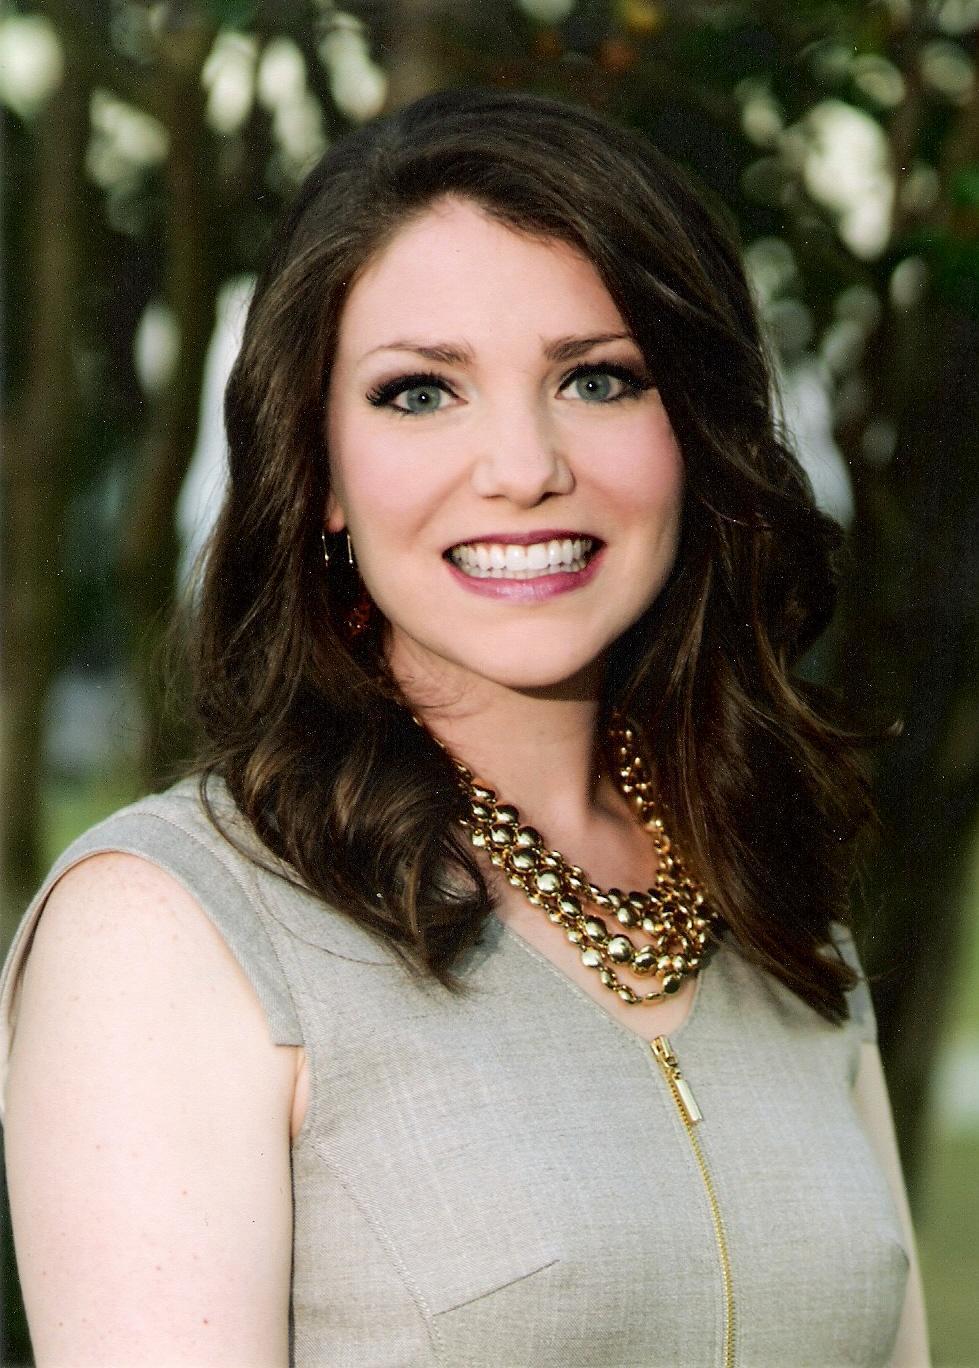 Jessye Gaines Portrait Photo